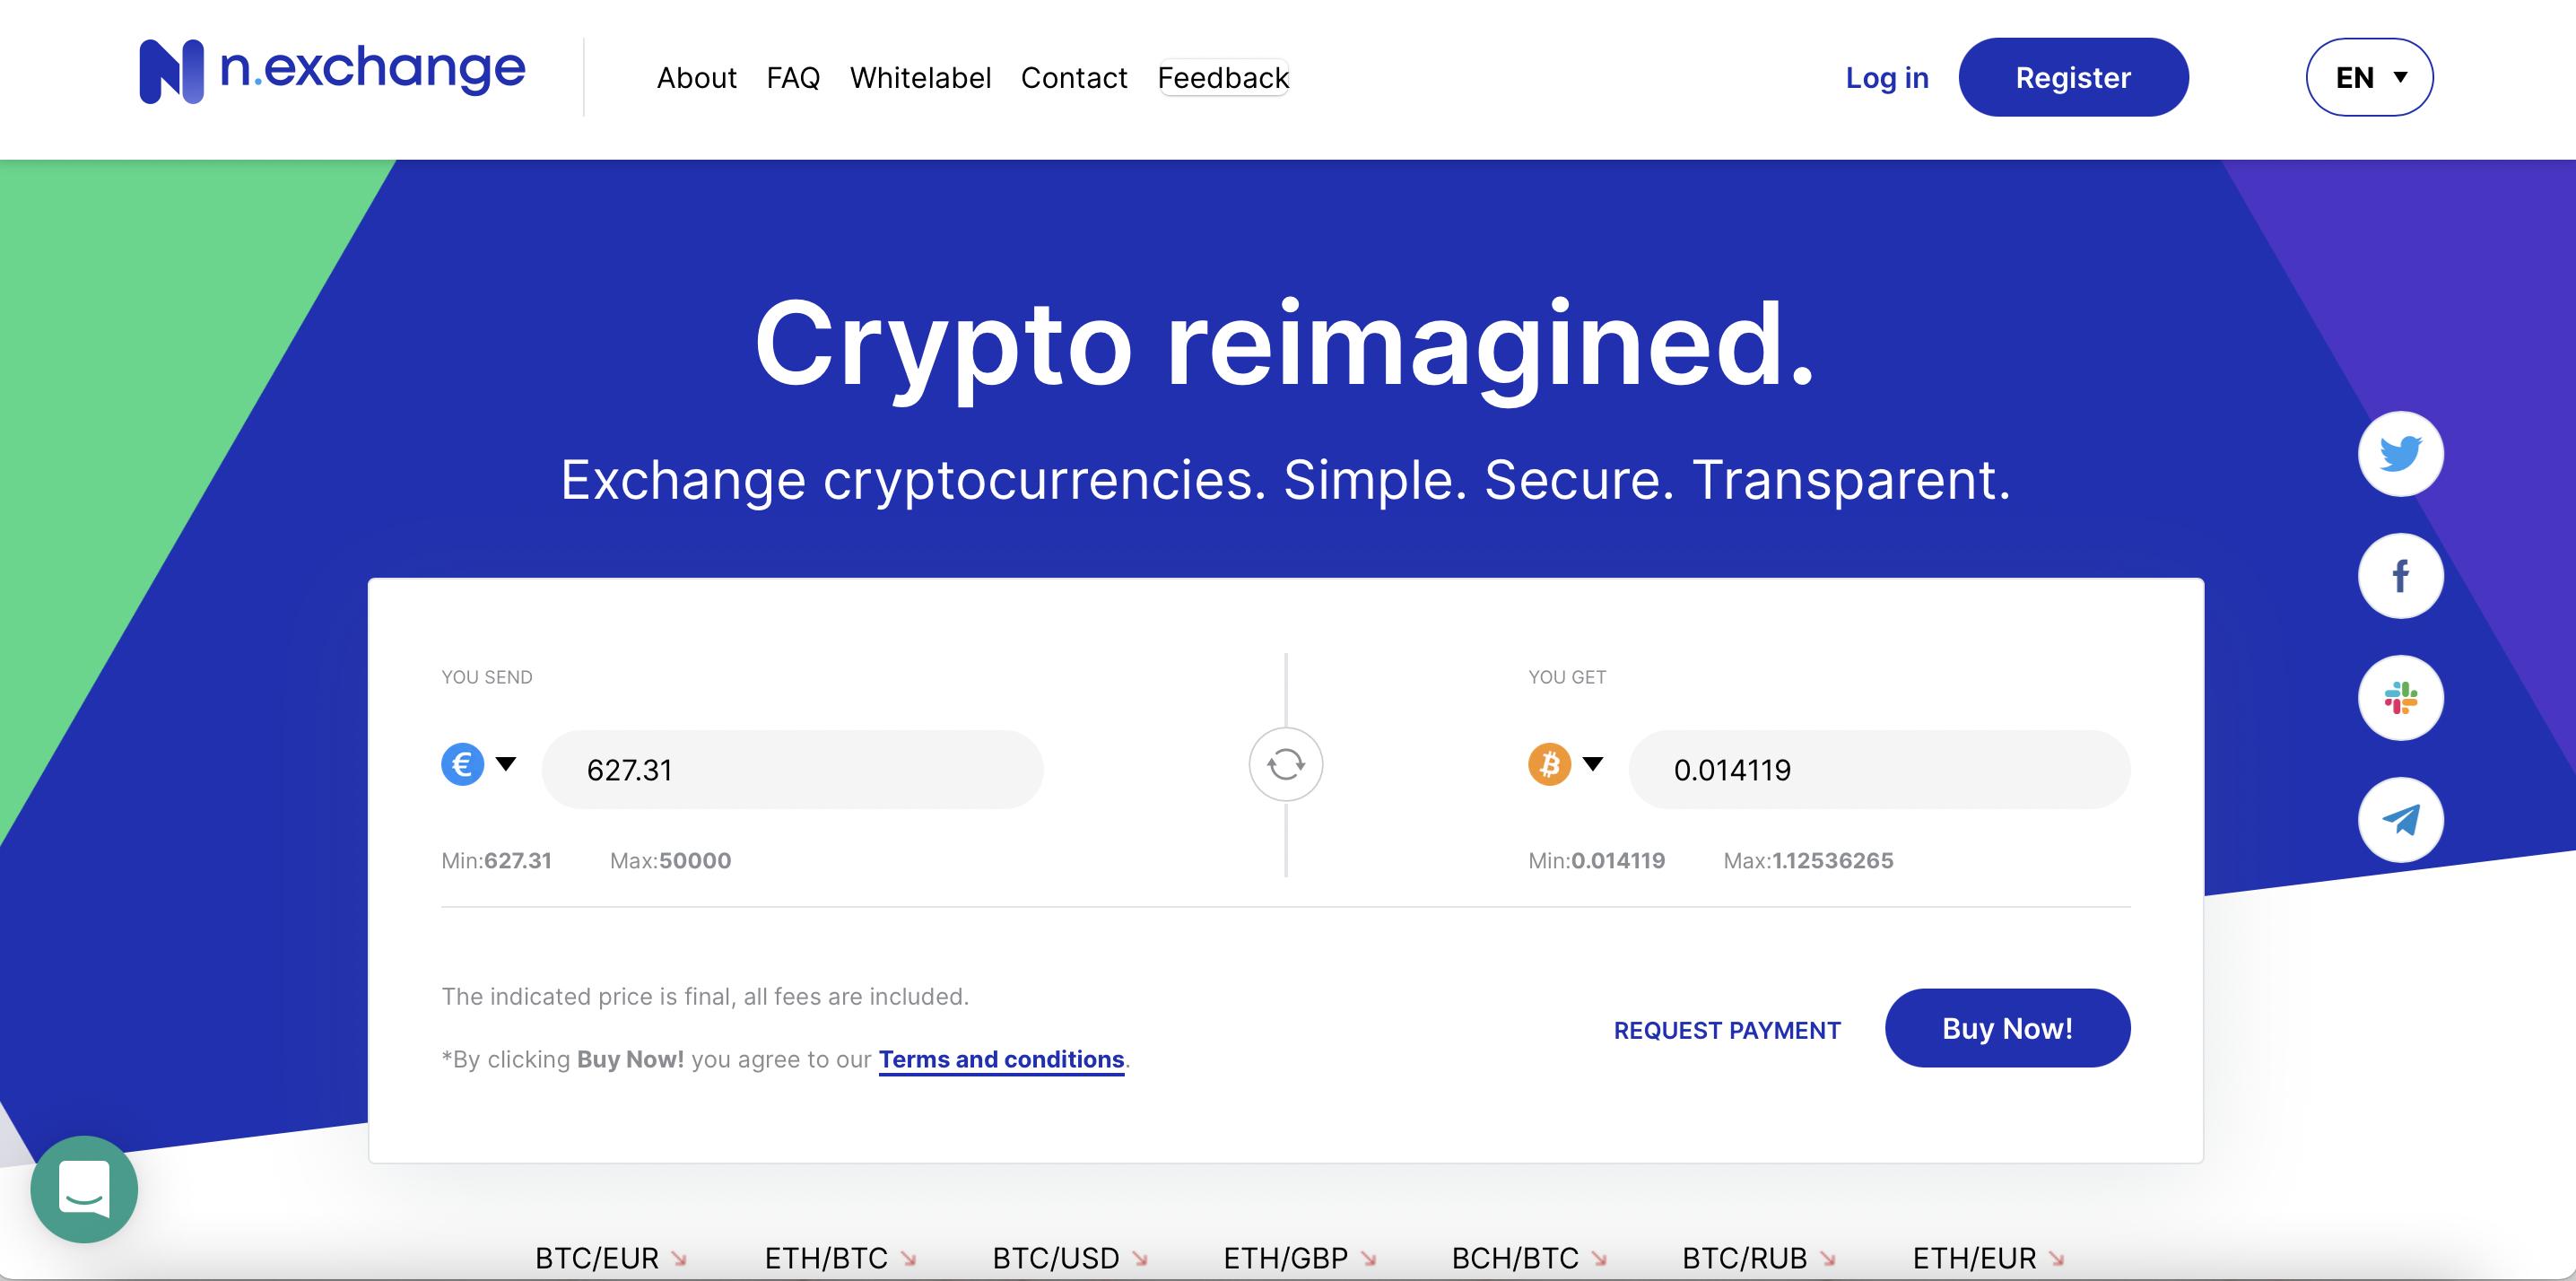 n.exchange screenshot